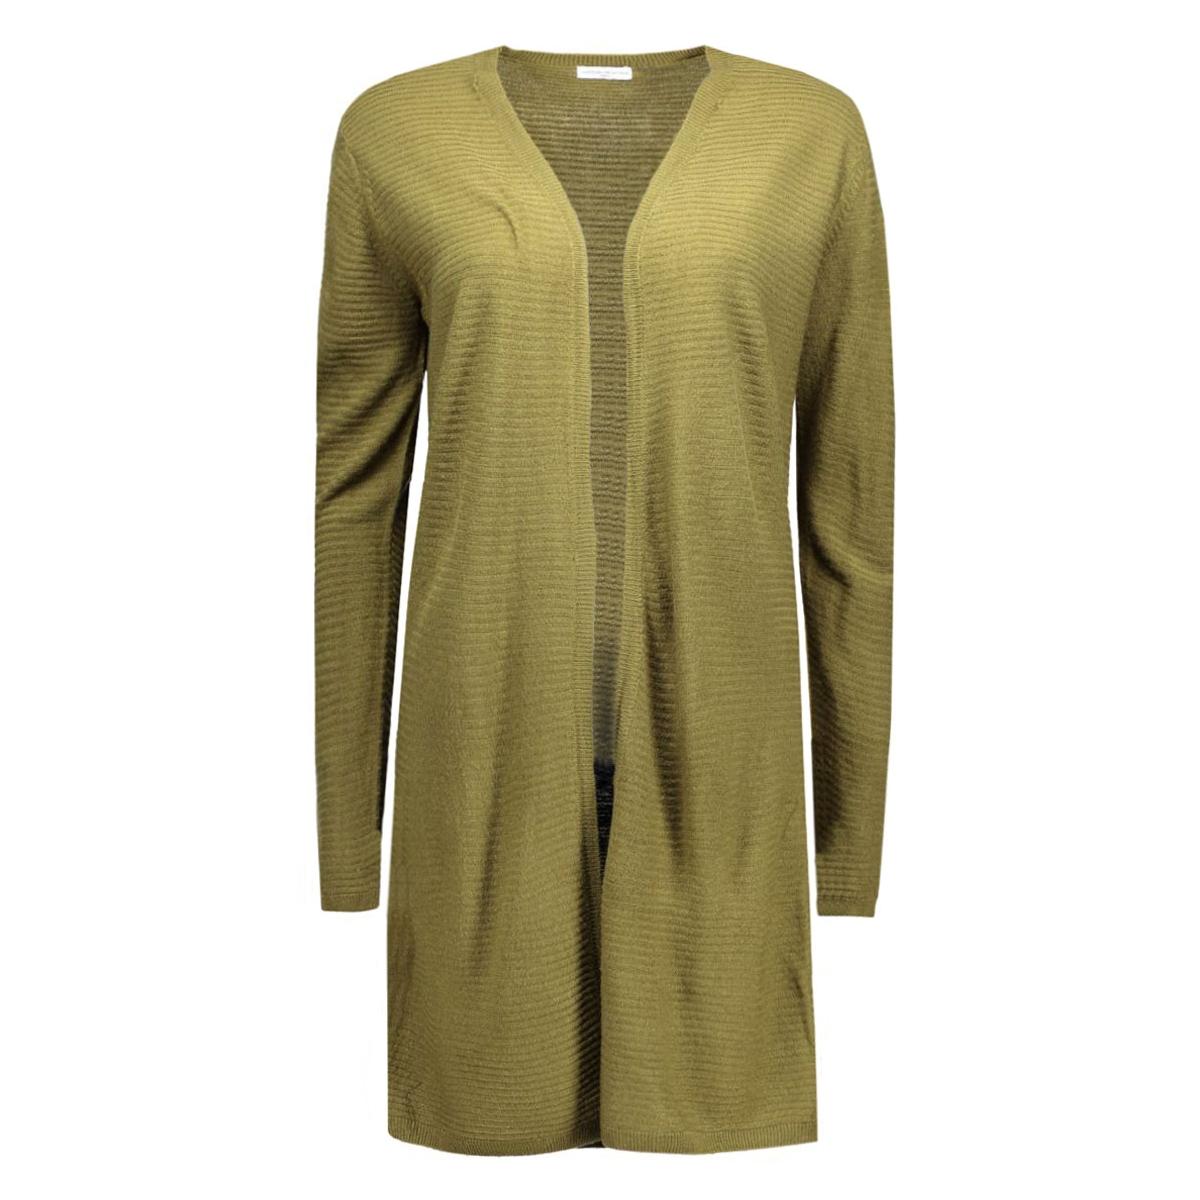 jdymathison l/s cardigan knt 15122877 jacqueline de yong vest dark olive